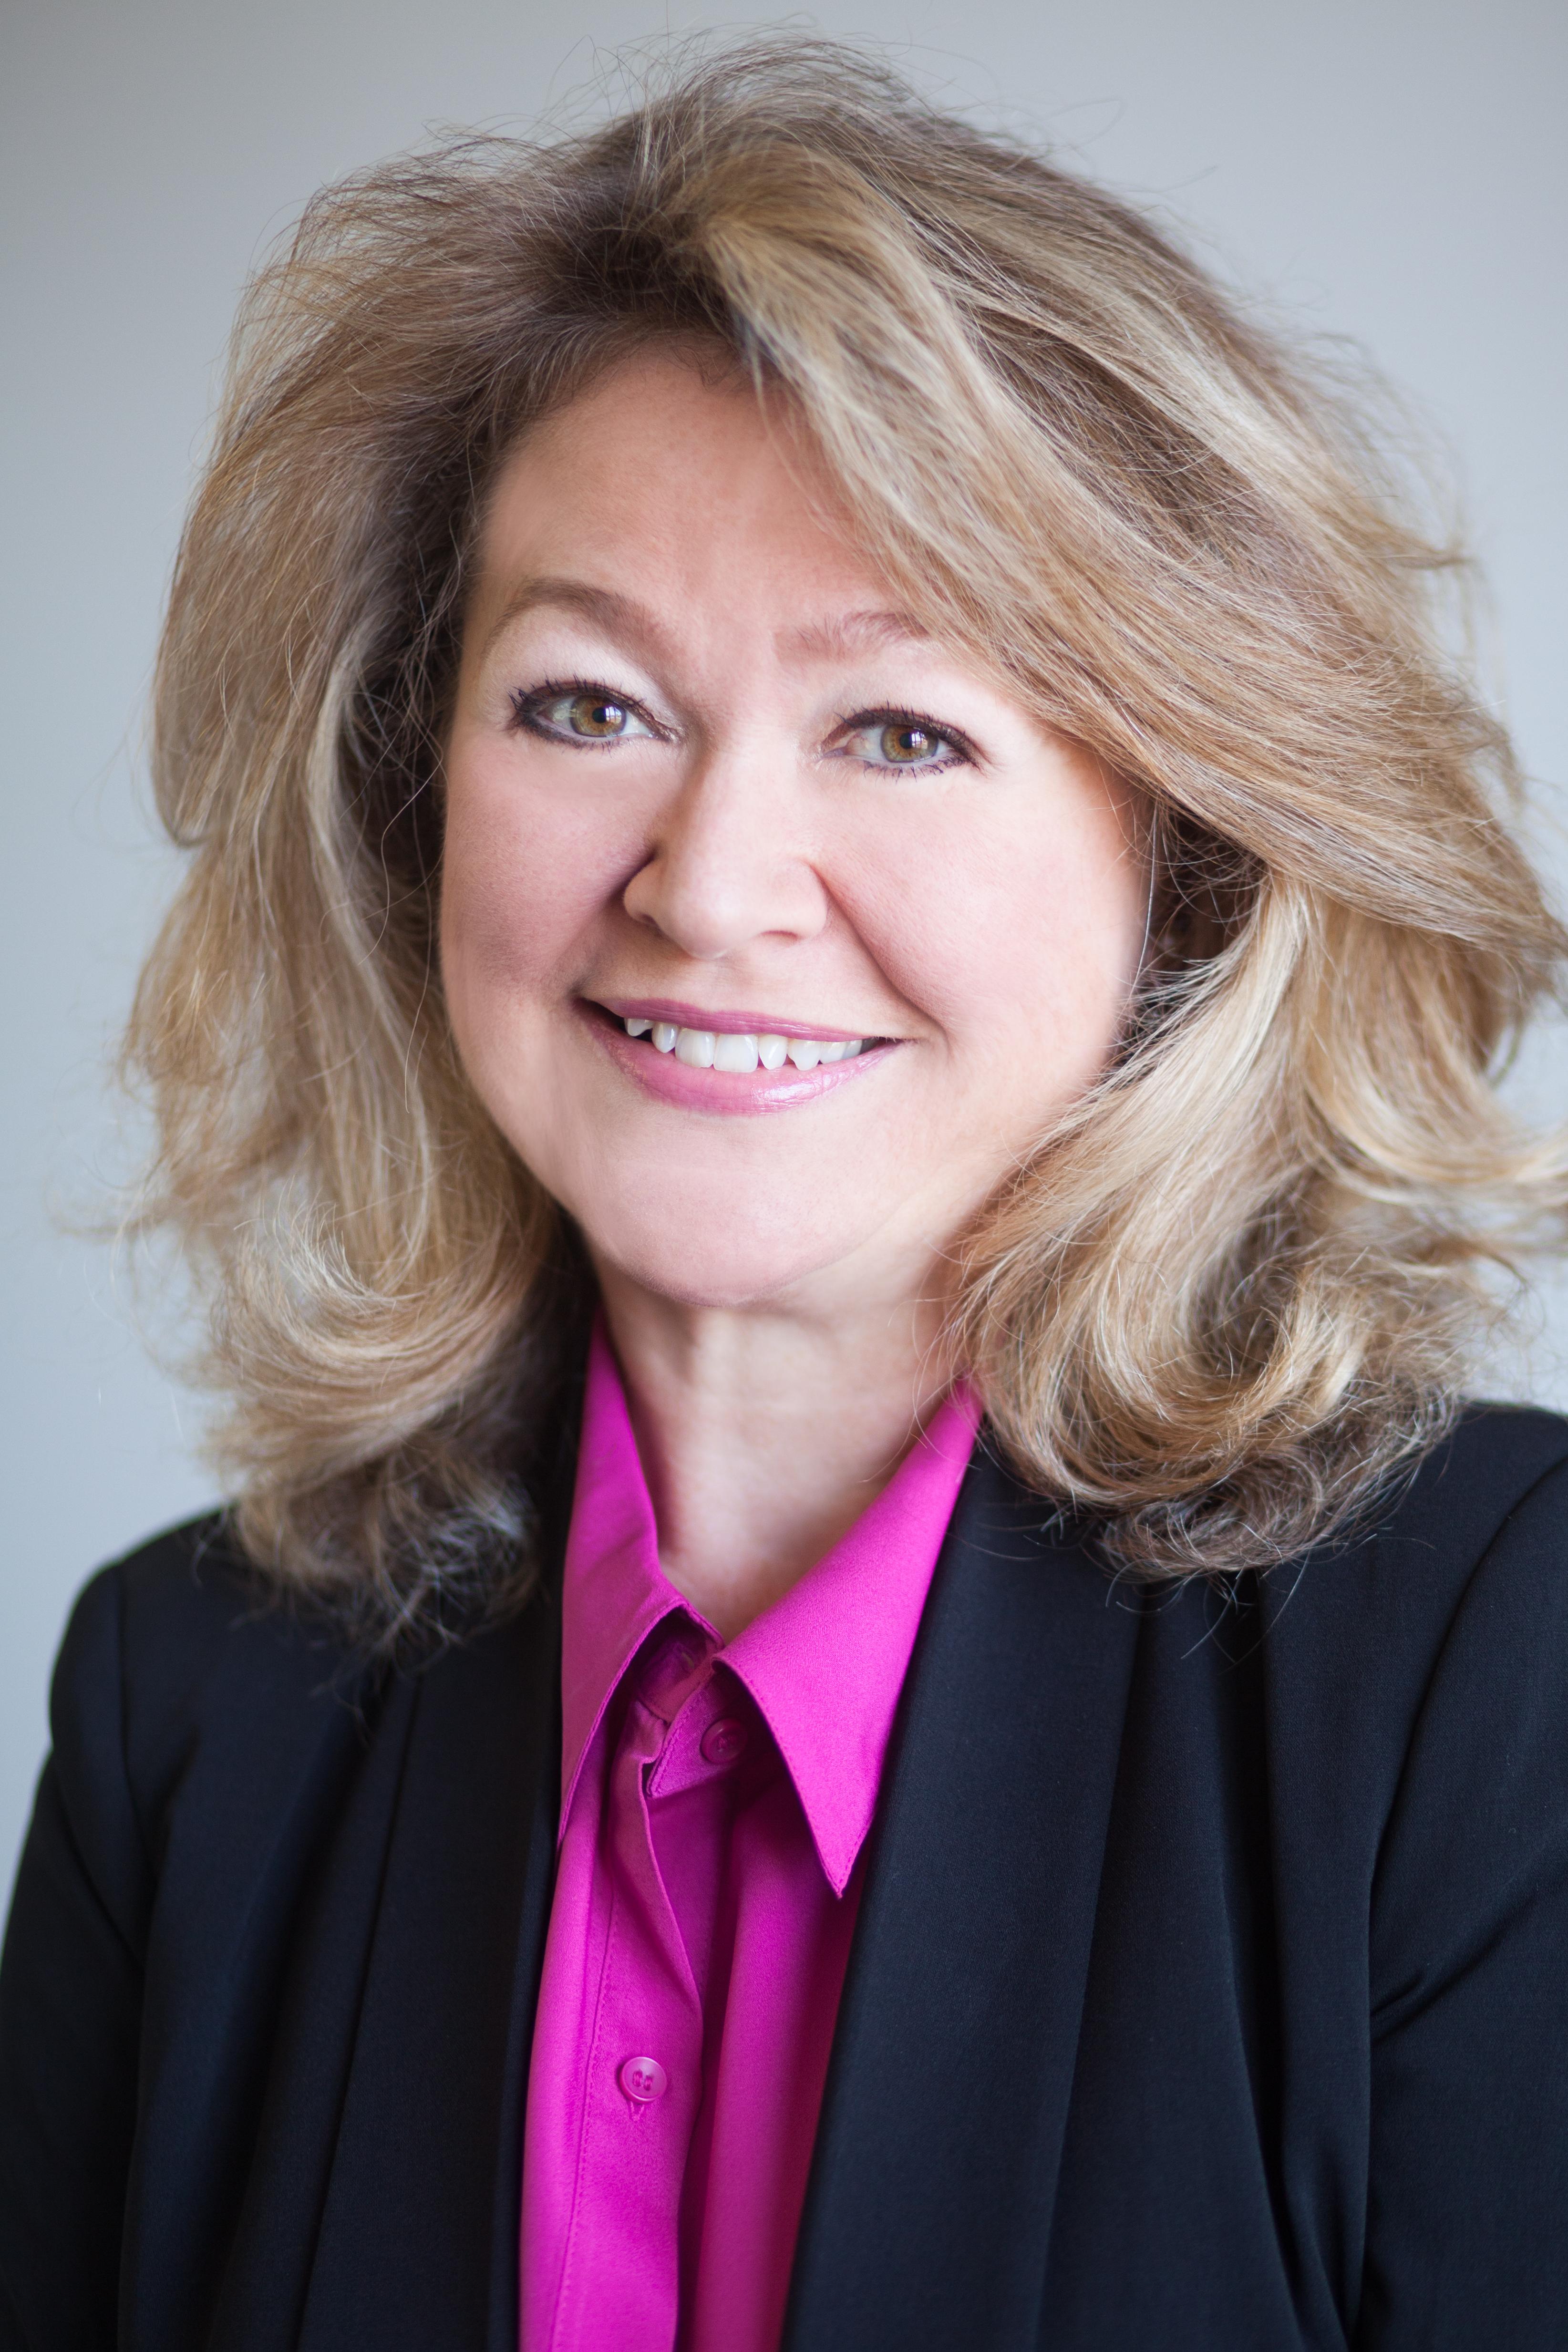 Julie-Ann Forney